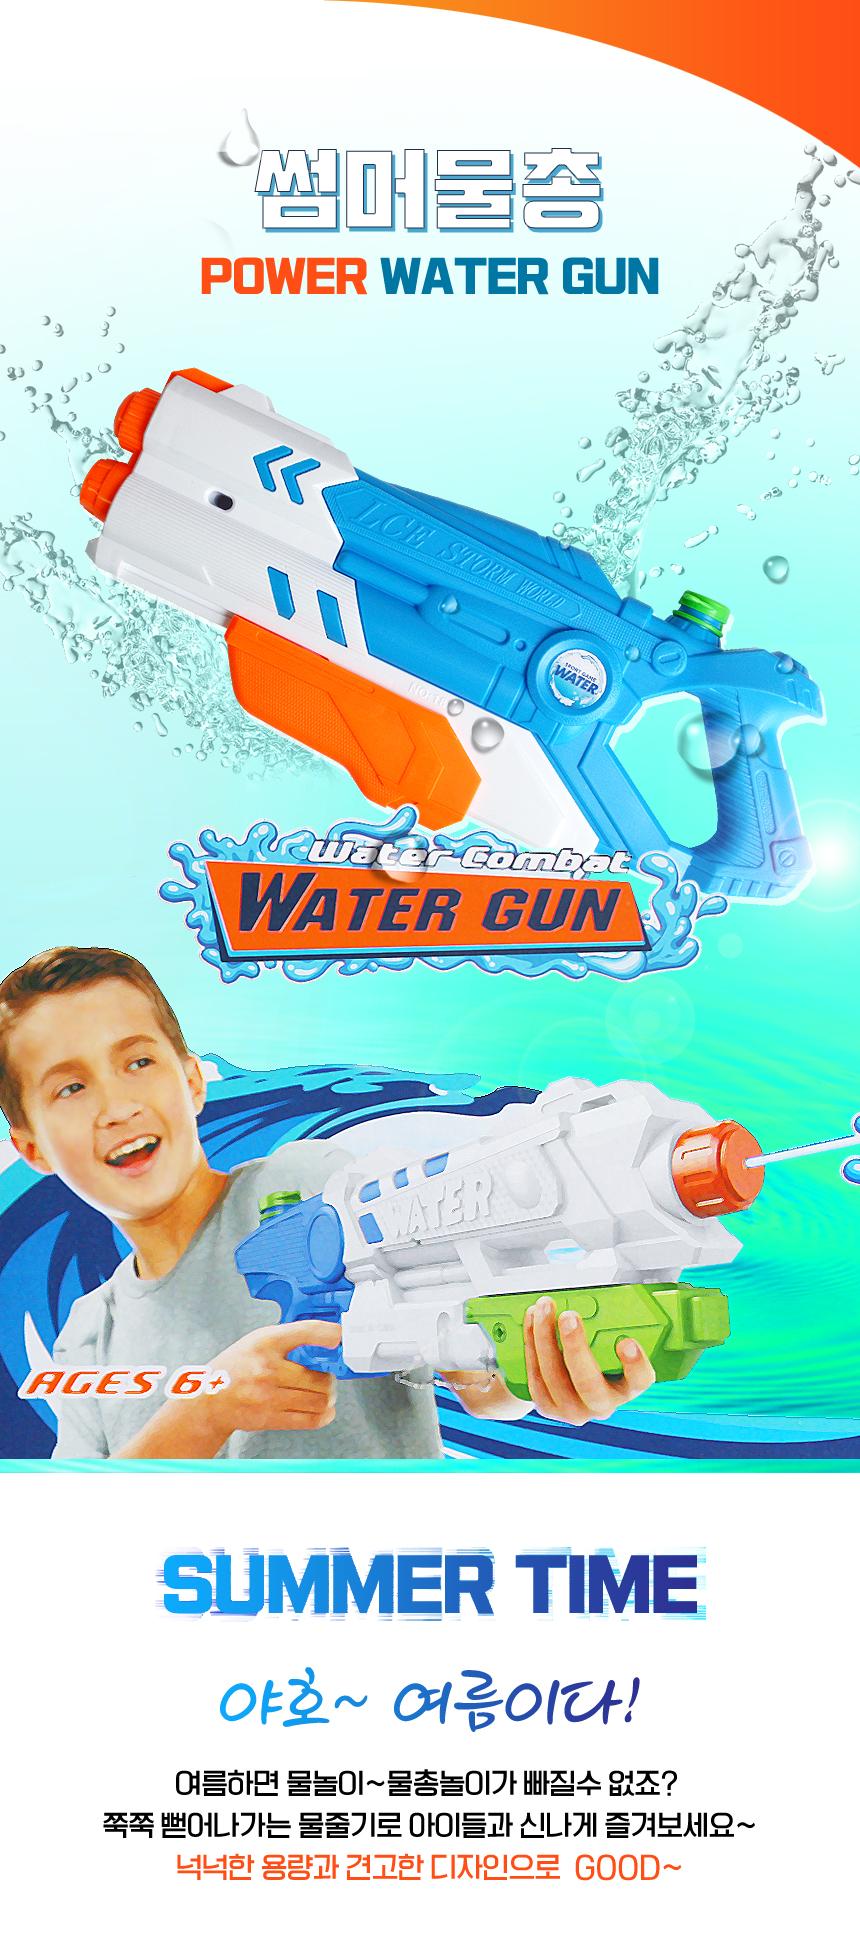 water_gun_01.jpg